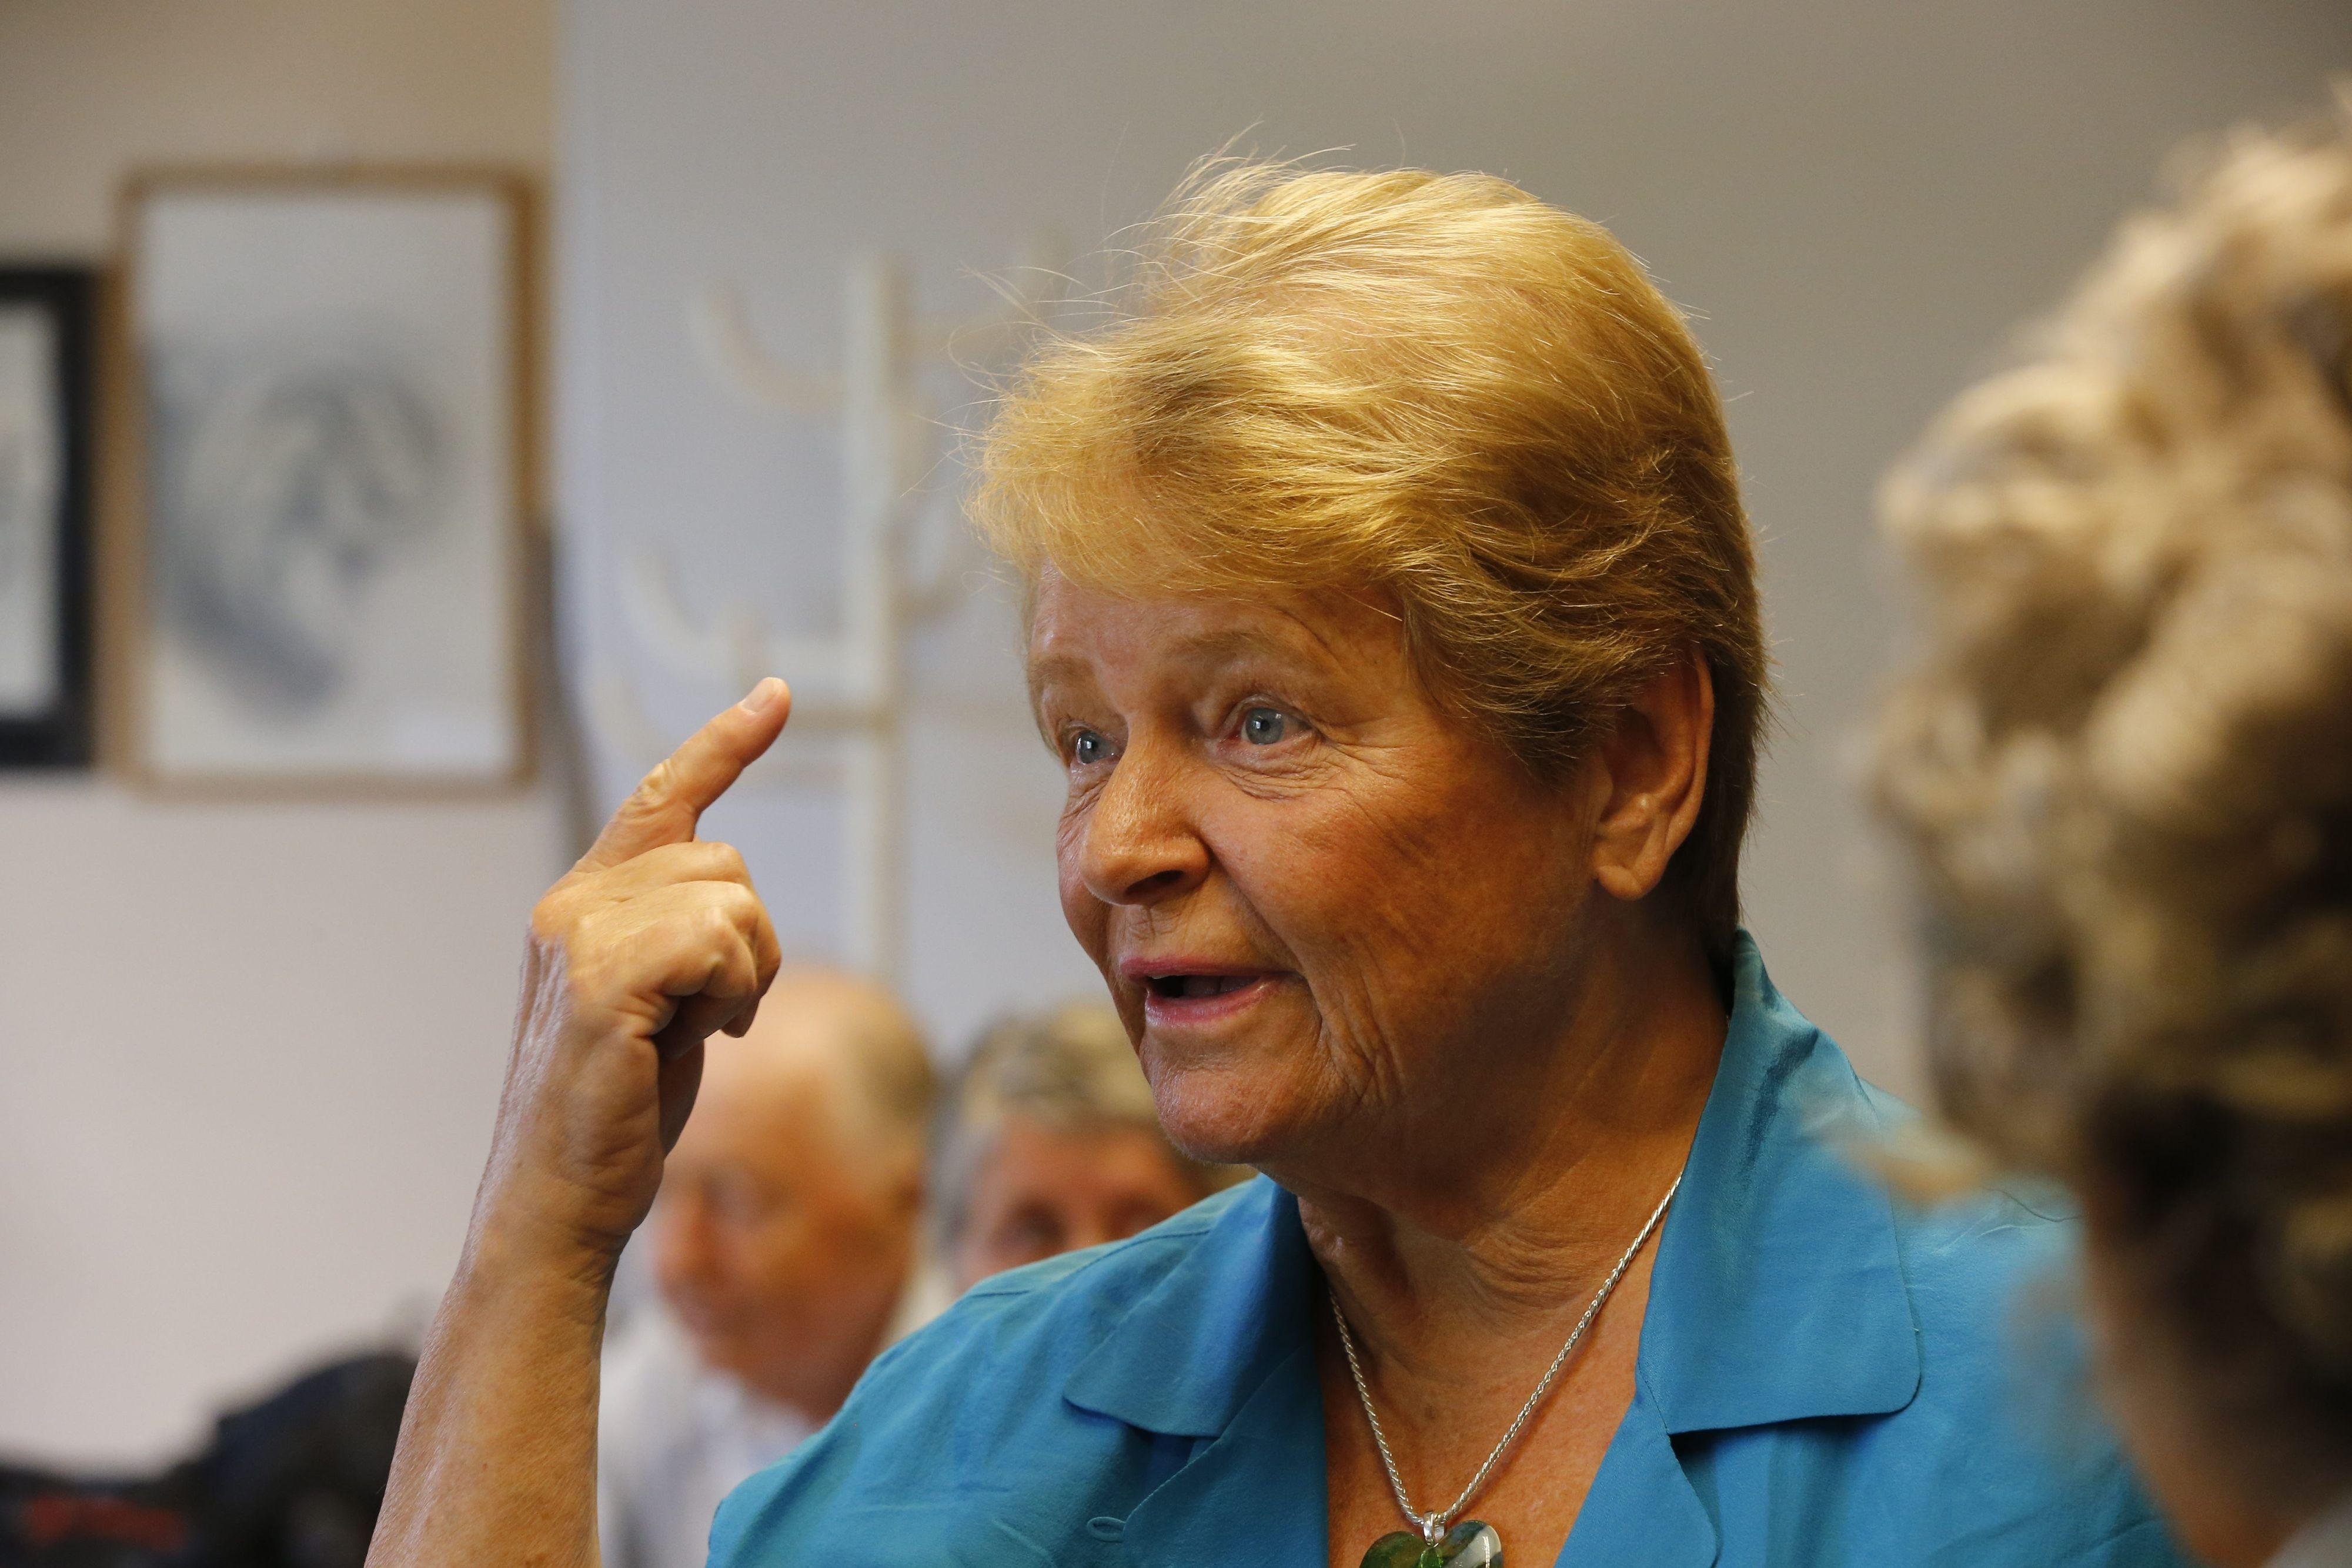 """Gro Harlem Brundtland er en av de mest prominente personene som har gått ut offentlig og sagt at hun blir plaget av mobilstråling, og kan """"føle"""" telefonene i et rom. Hun var da leder av WHO, som underlig nok også har satt grenseverdiene for denne strålingen, slik at mobilbruken skal være trygg. Etterpå var hun taus som en østers om saken."""